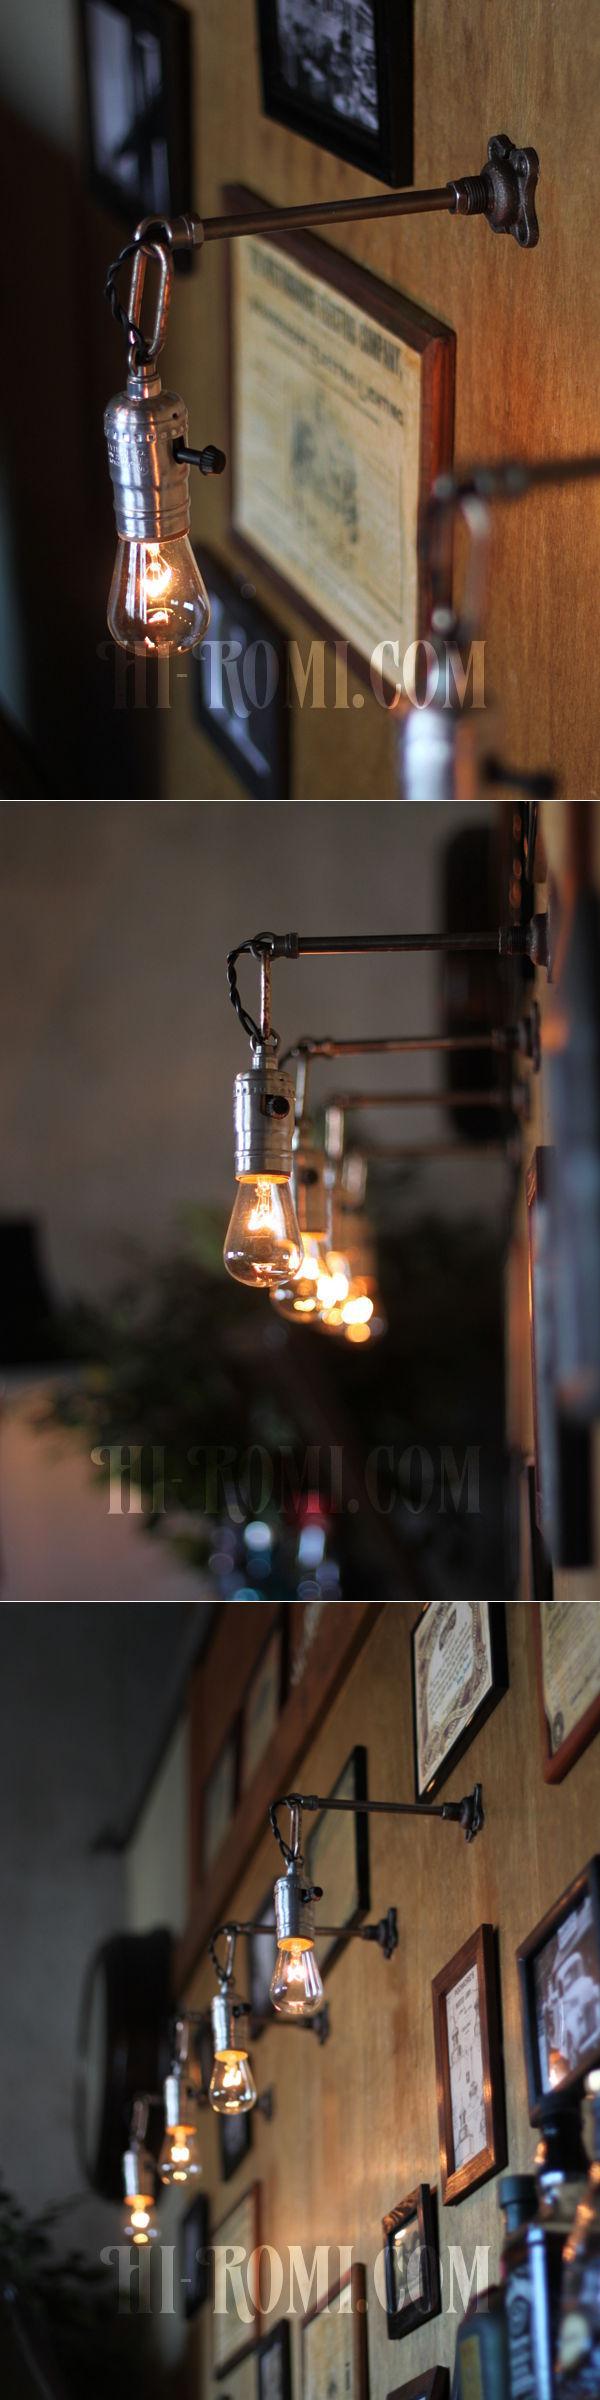 チェーンリング付LEVITON社製ターン式ソケット工業系ウォールランプ兼用ペンダントライト/アンティーク照明ブラケット